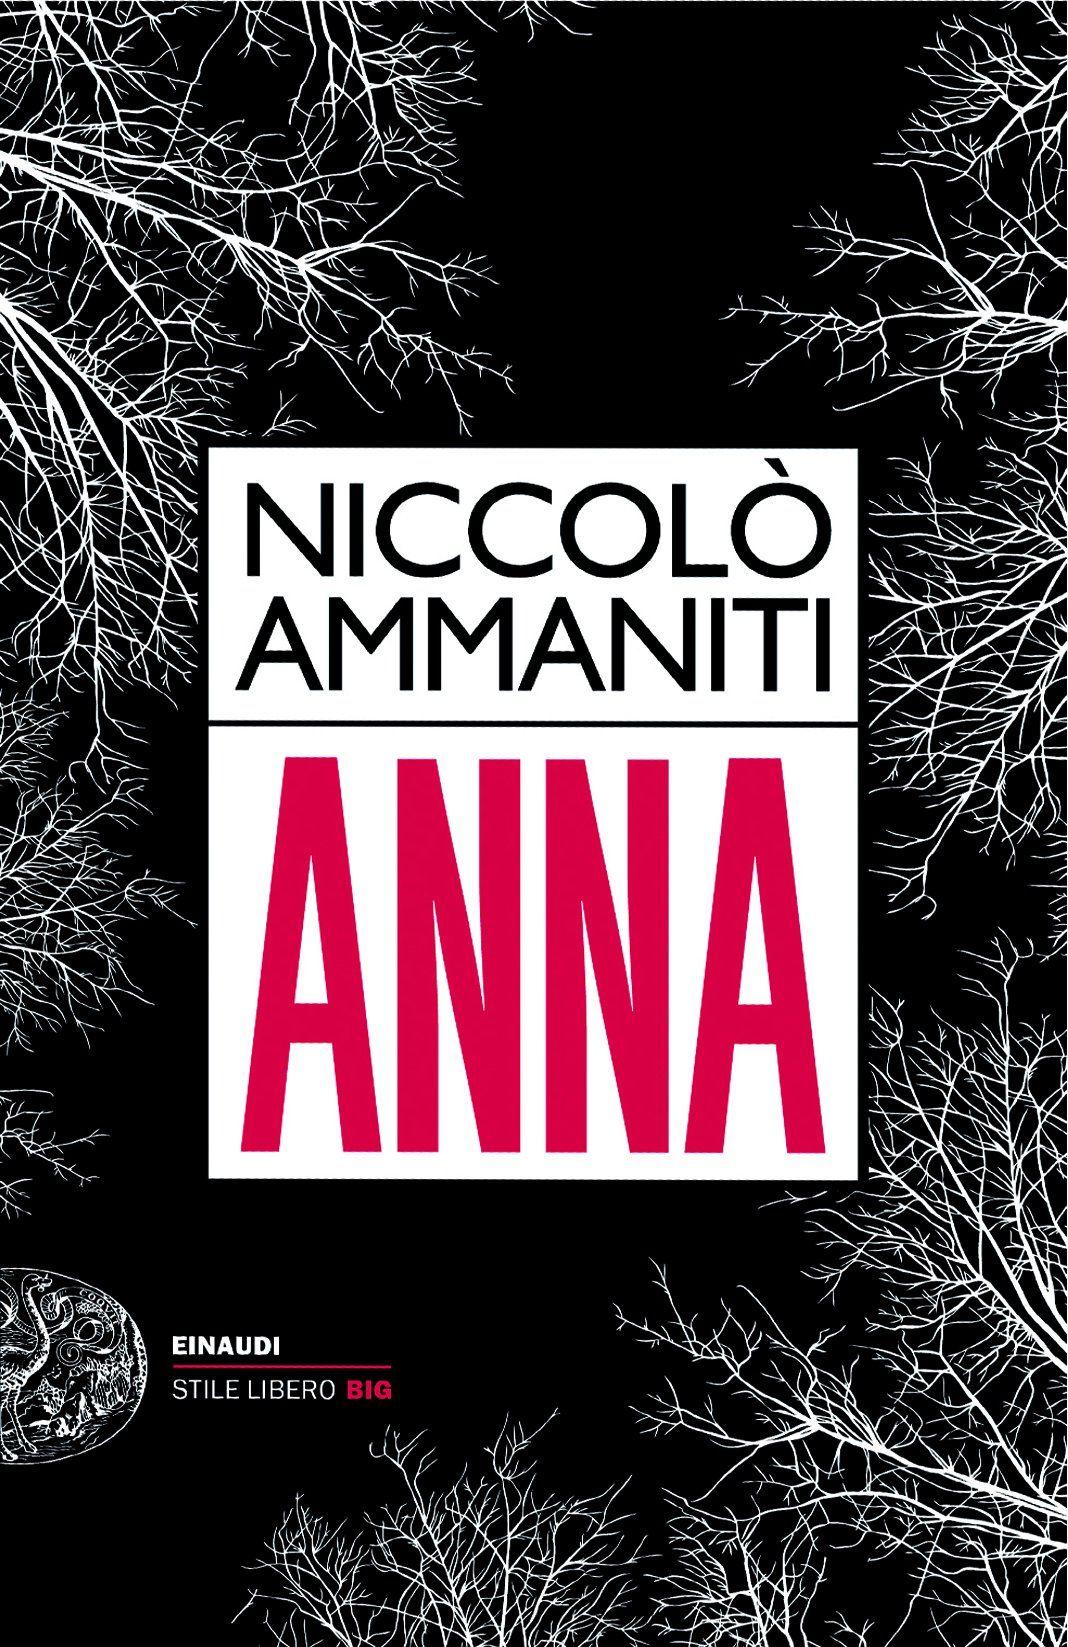 anna, cover libro ammaniti